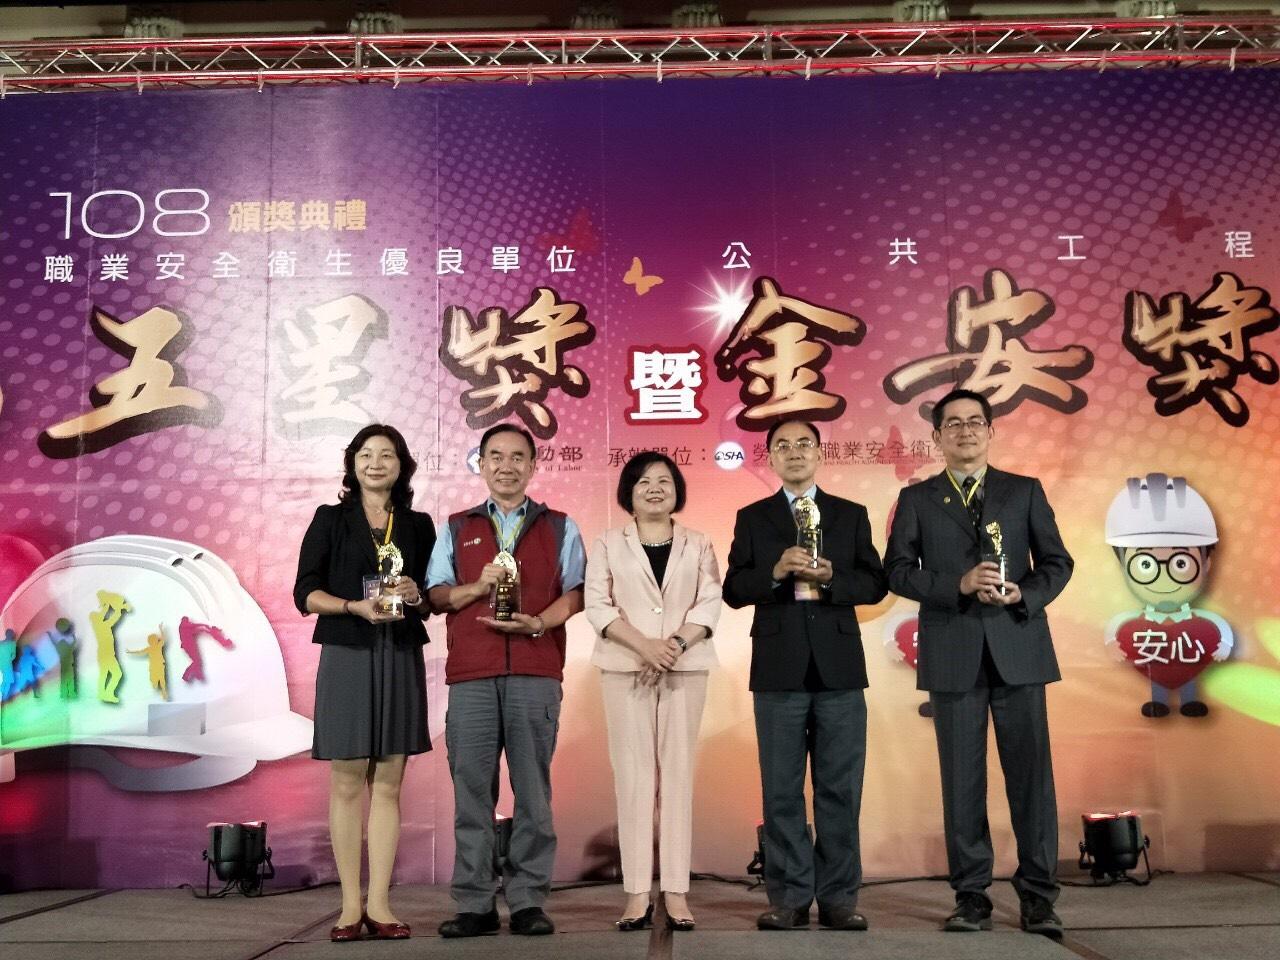 圖片:「臺南市麻豆工業區市地重劃工程」榮獲金安優等獎